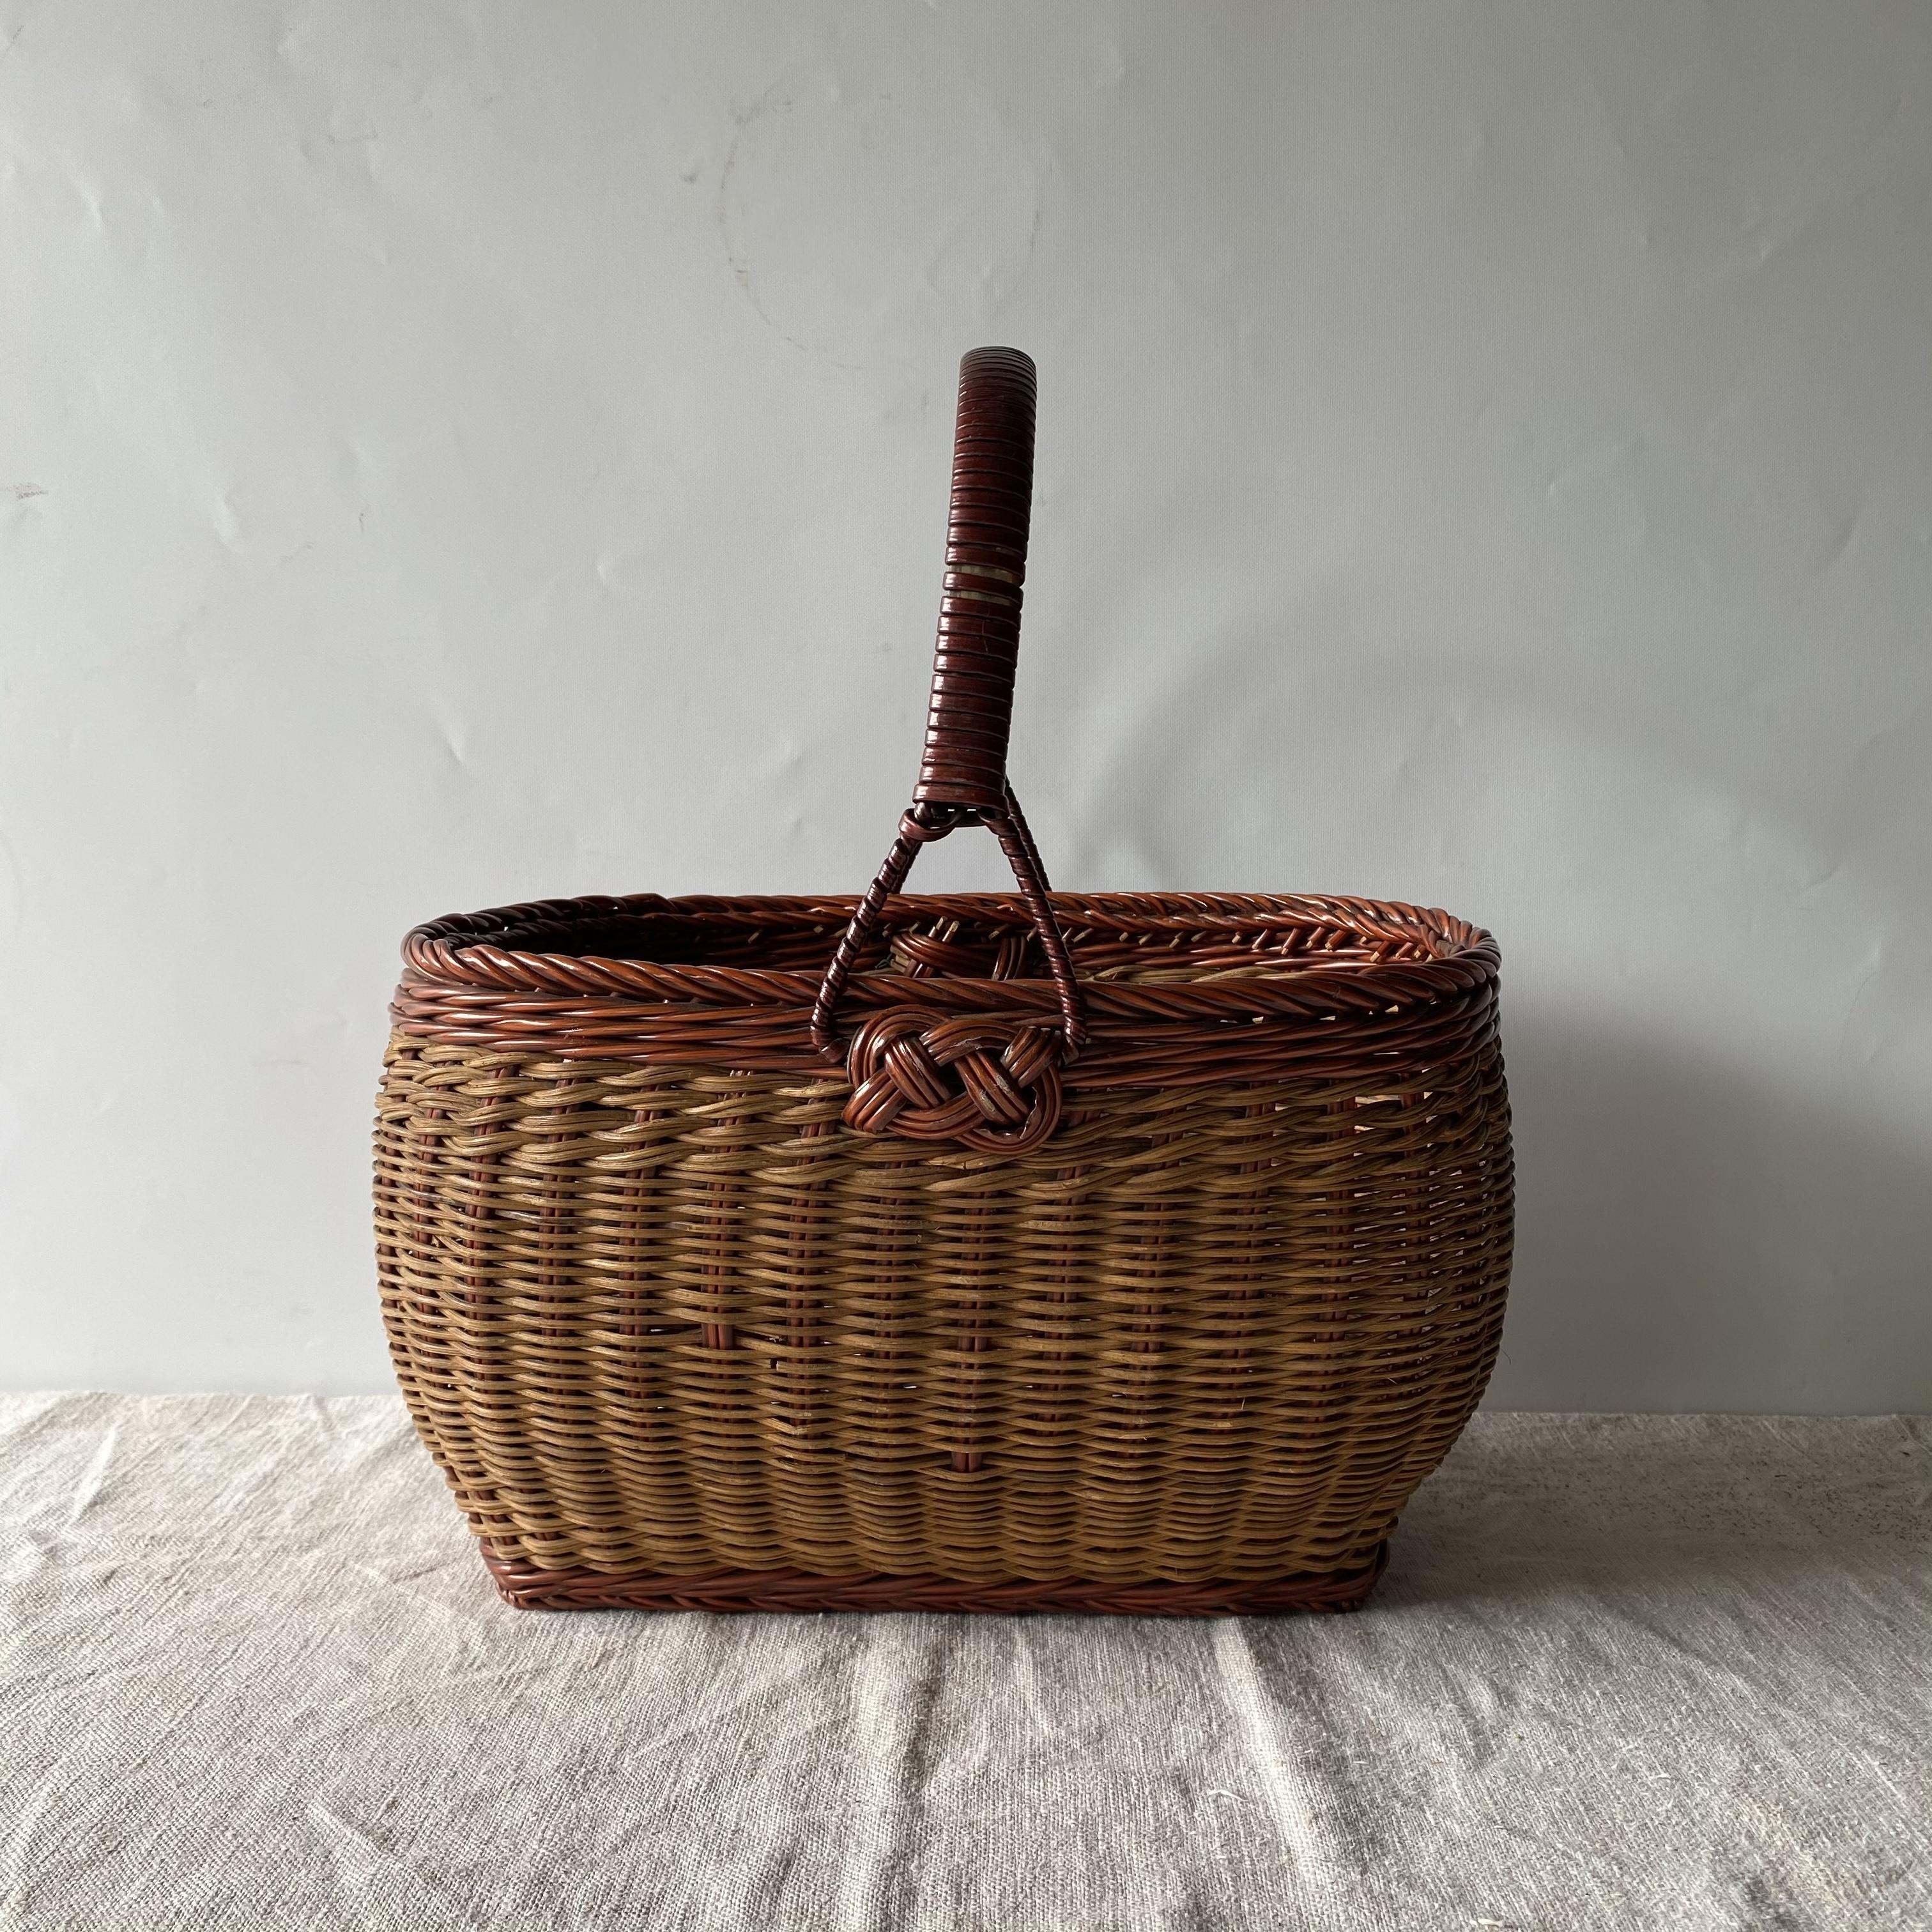 買い物カゴ 籐かご バスケット 天然生活 昭和レトロ